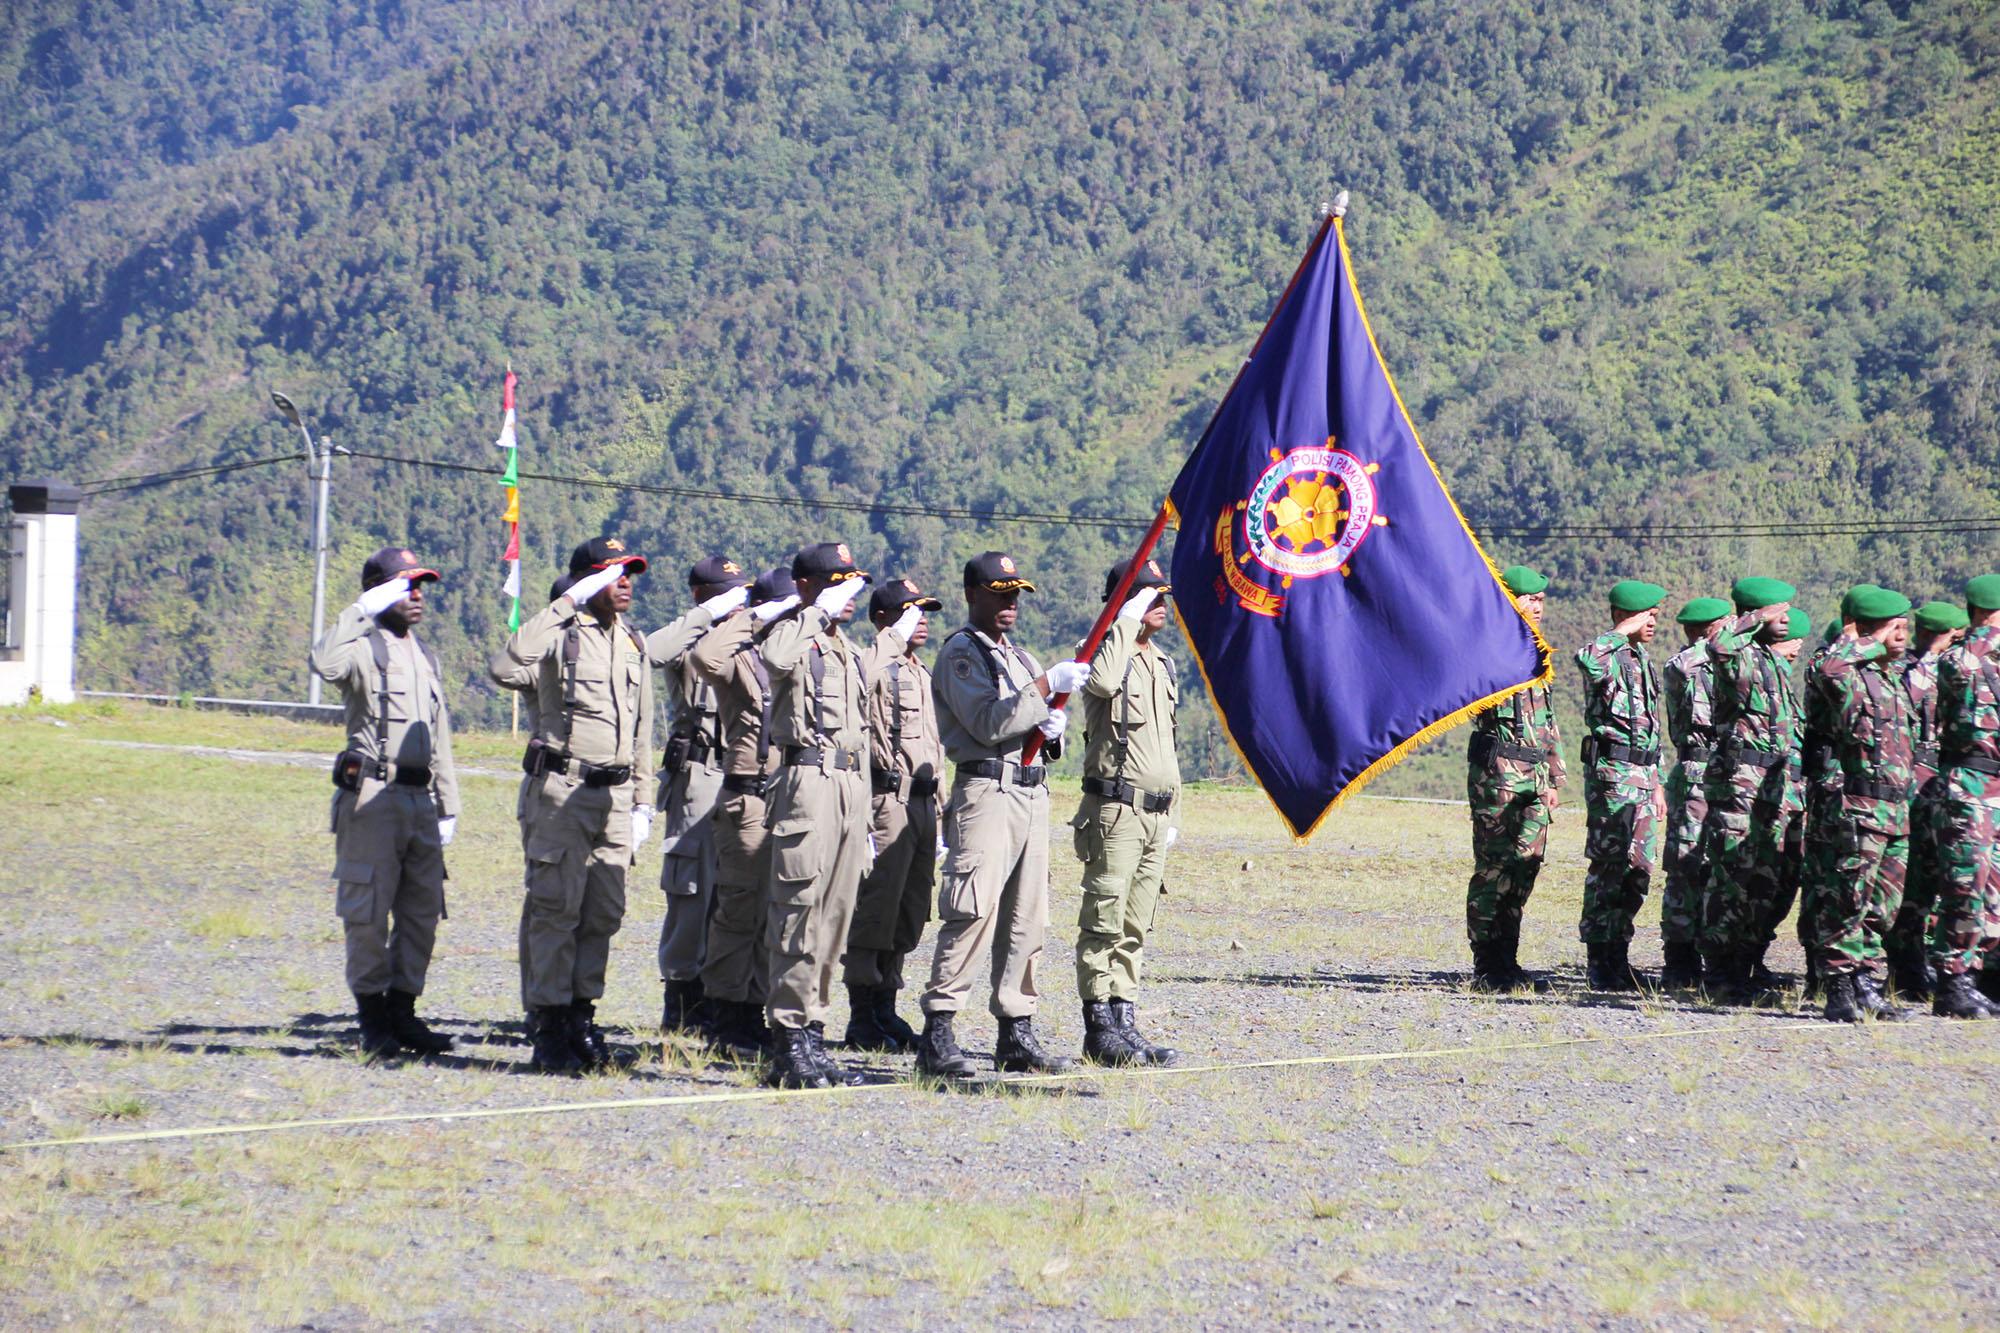 Pasukan Tanda Kehormatan (Pataka) Satpol PP saat Upacara Bendera dalam rangka HUT Satpol PP ke - 68 di Kabupaten Puncak Jaya